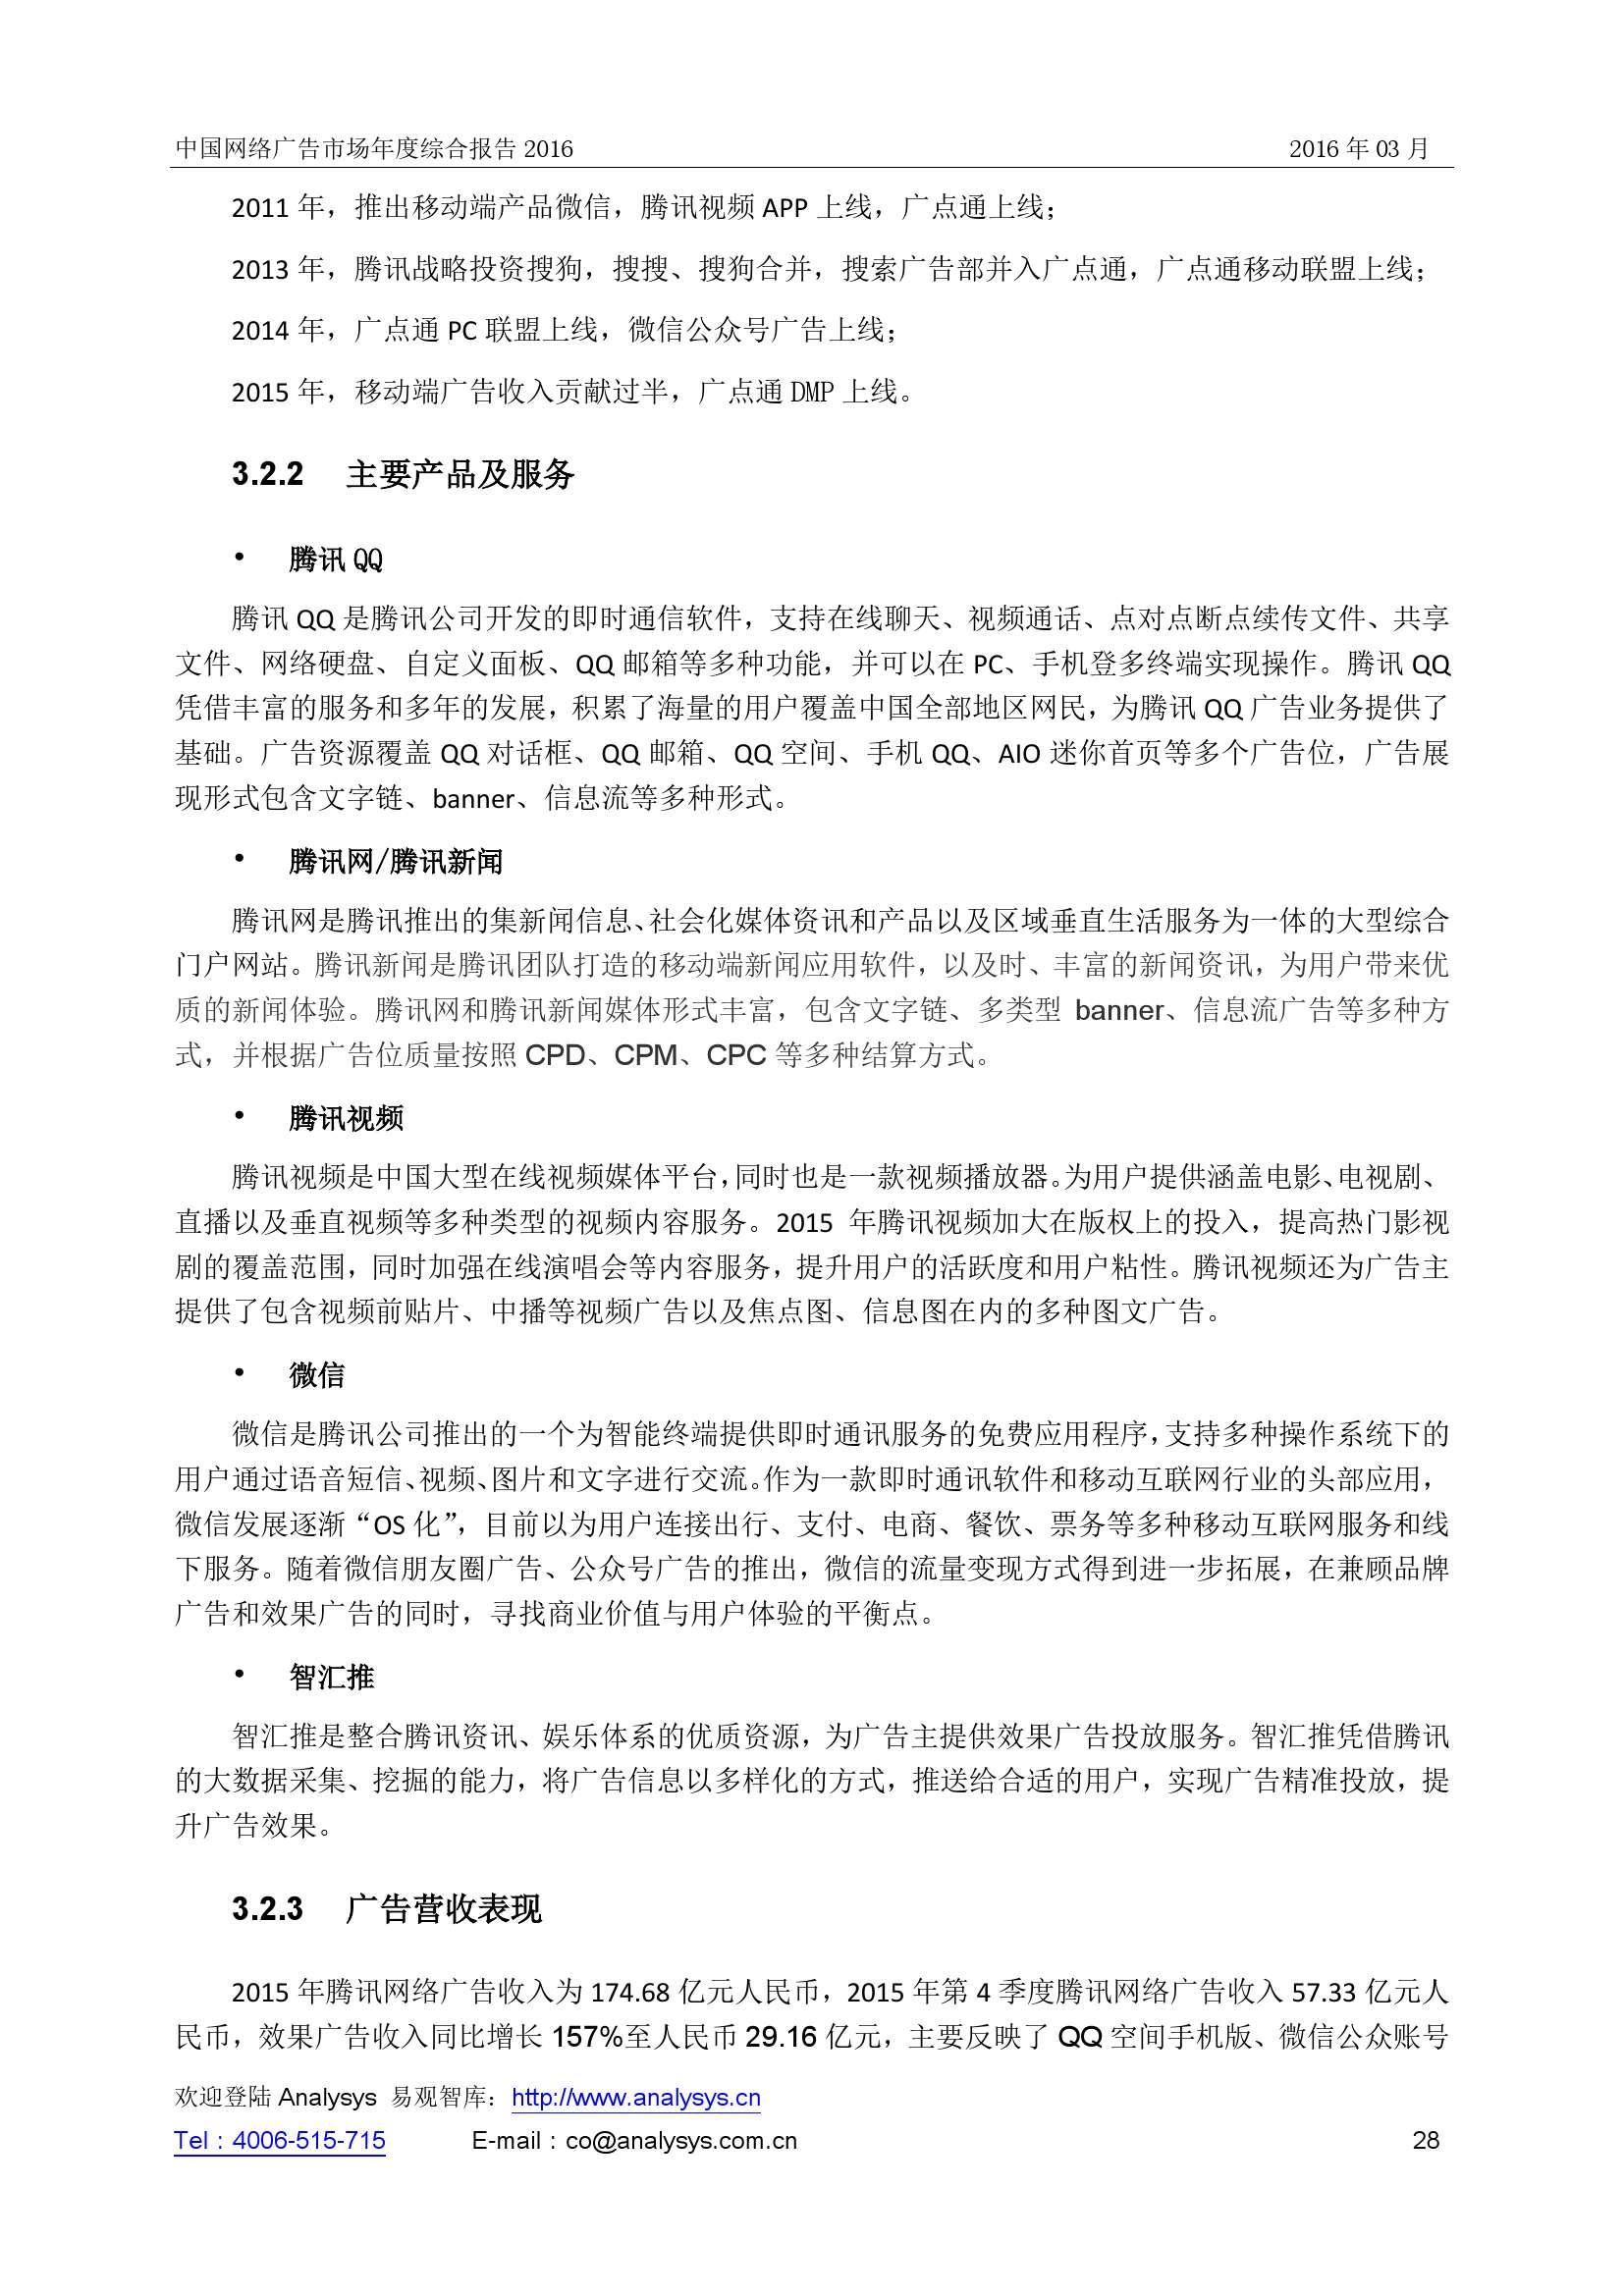 中国网络广告市场年度综合报告2016_000028